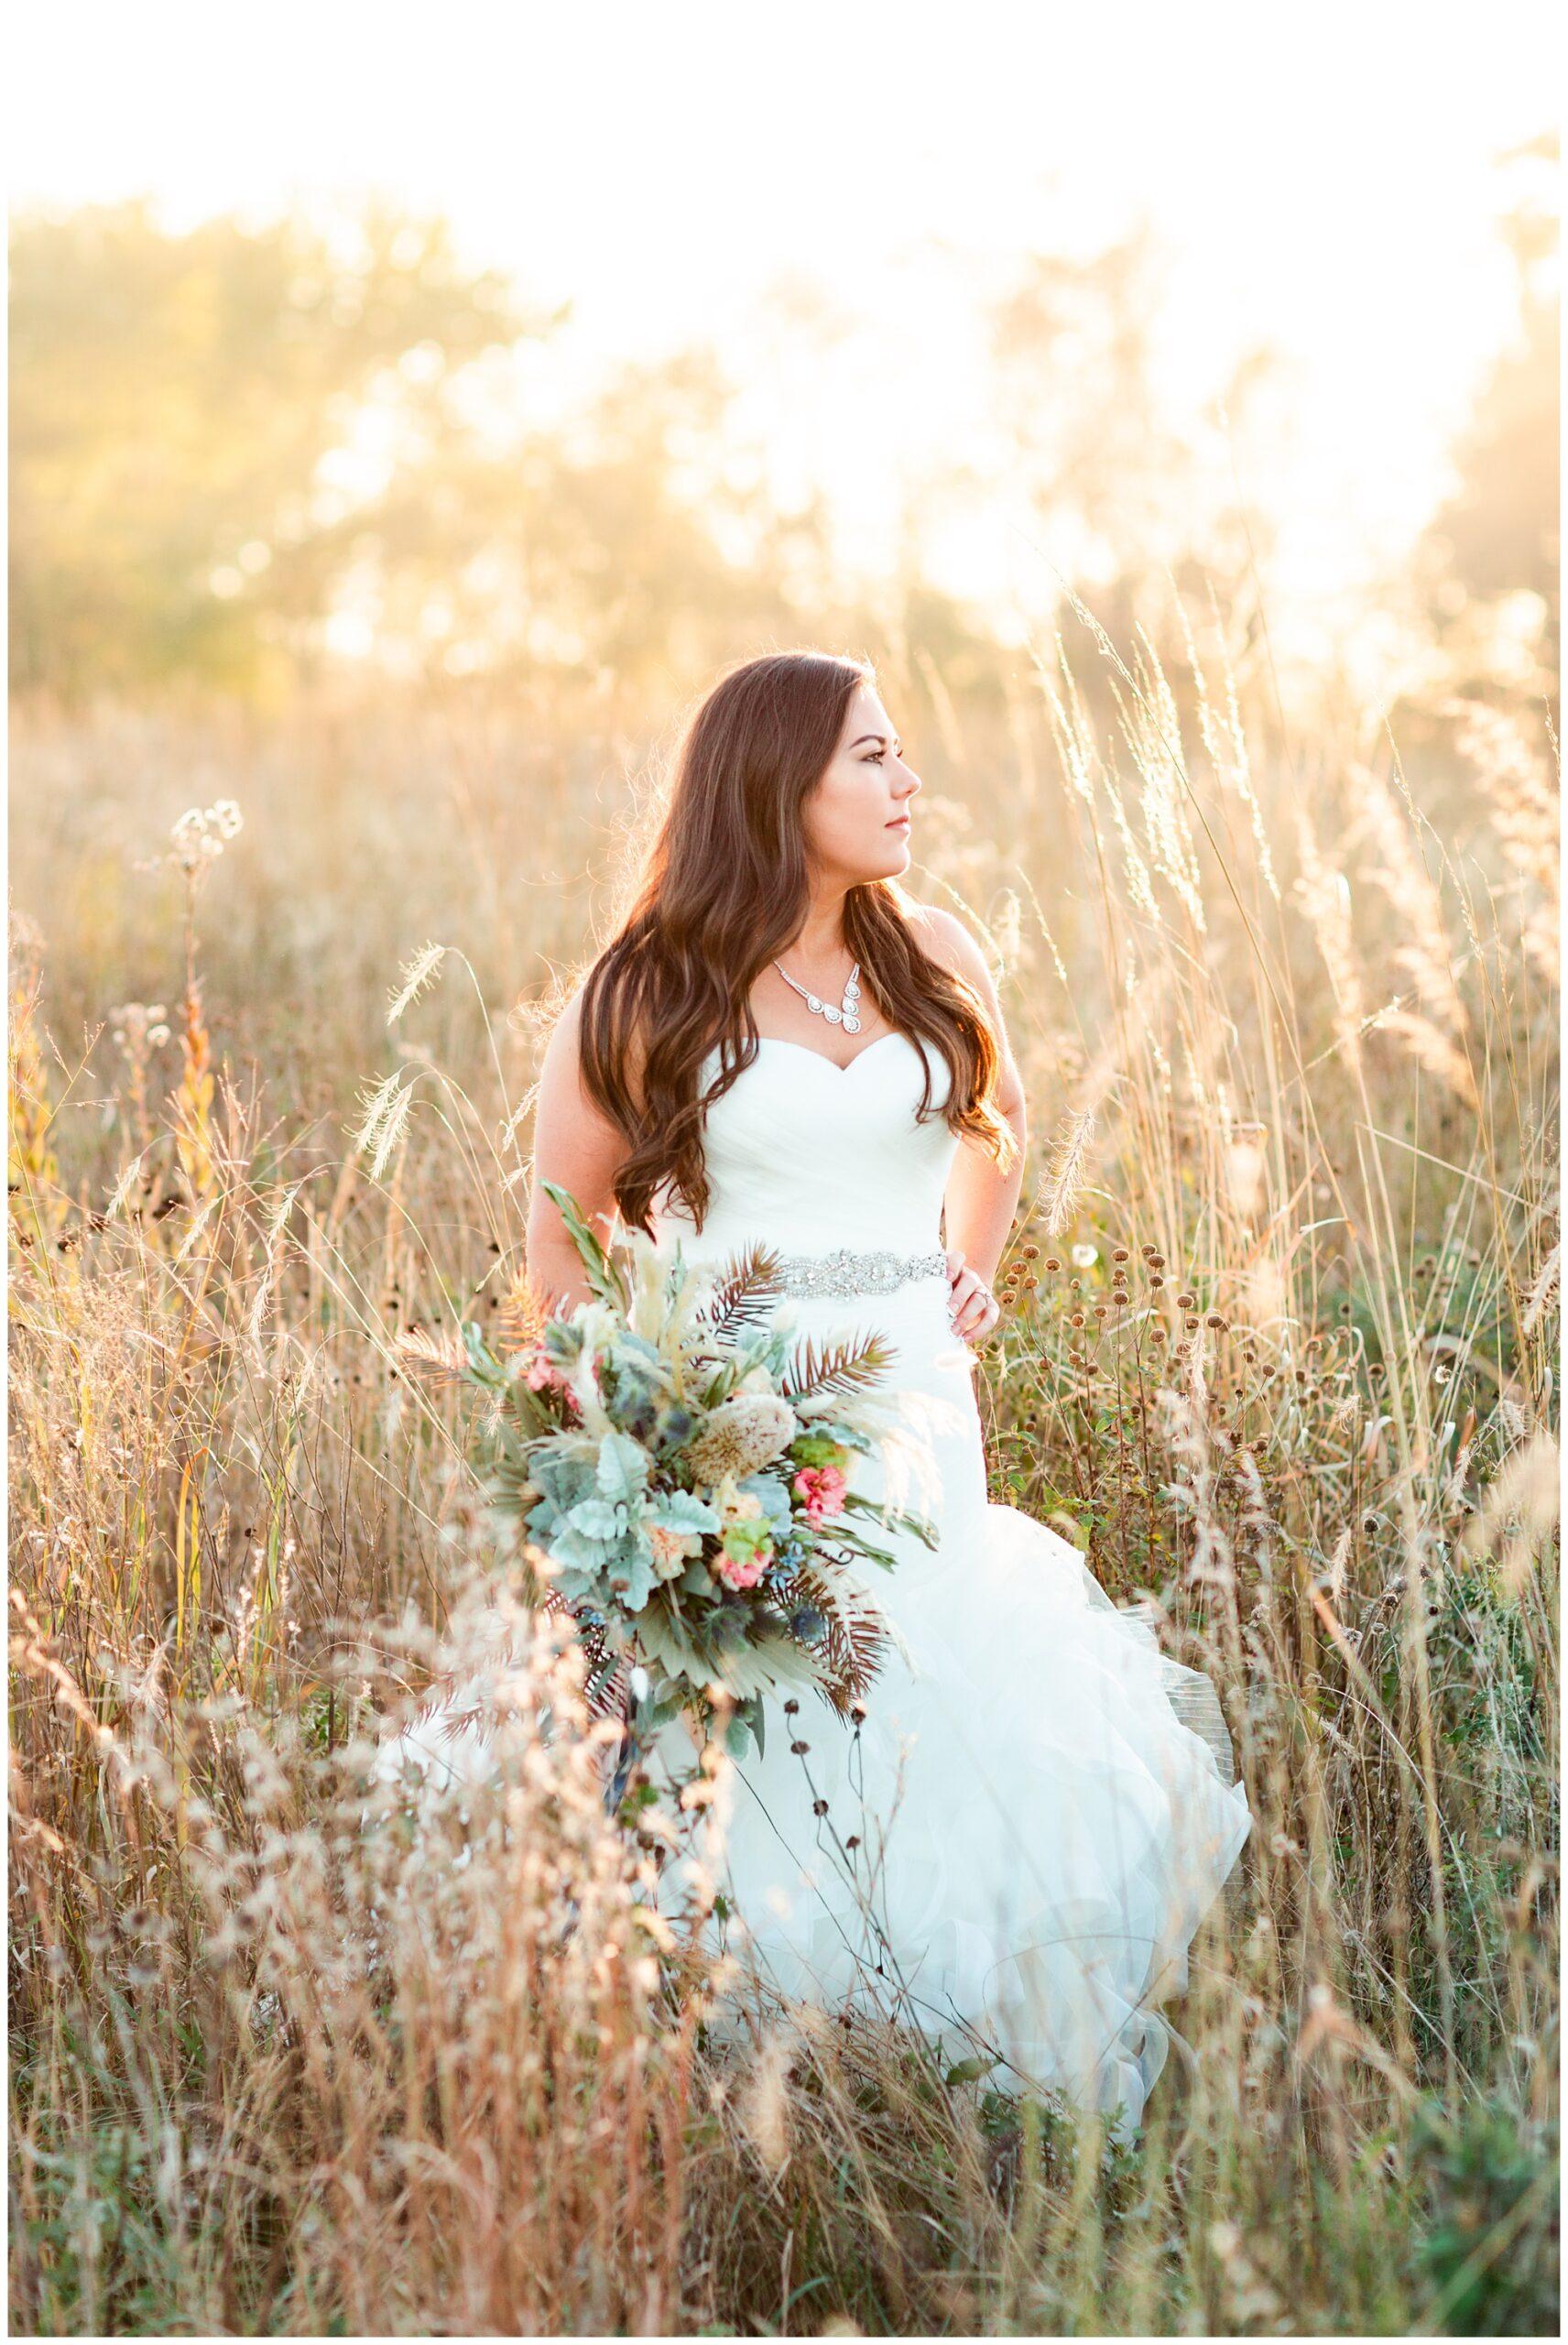 Fall bridal portrait in a tall grassy field